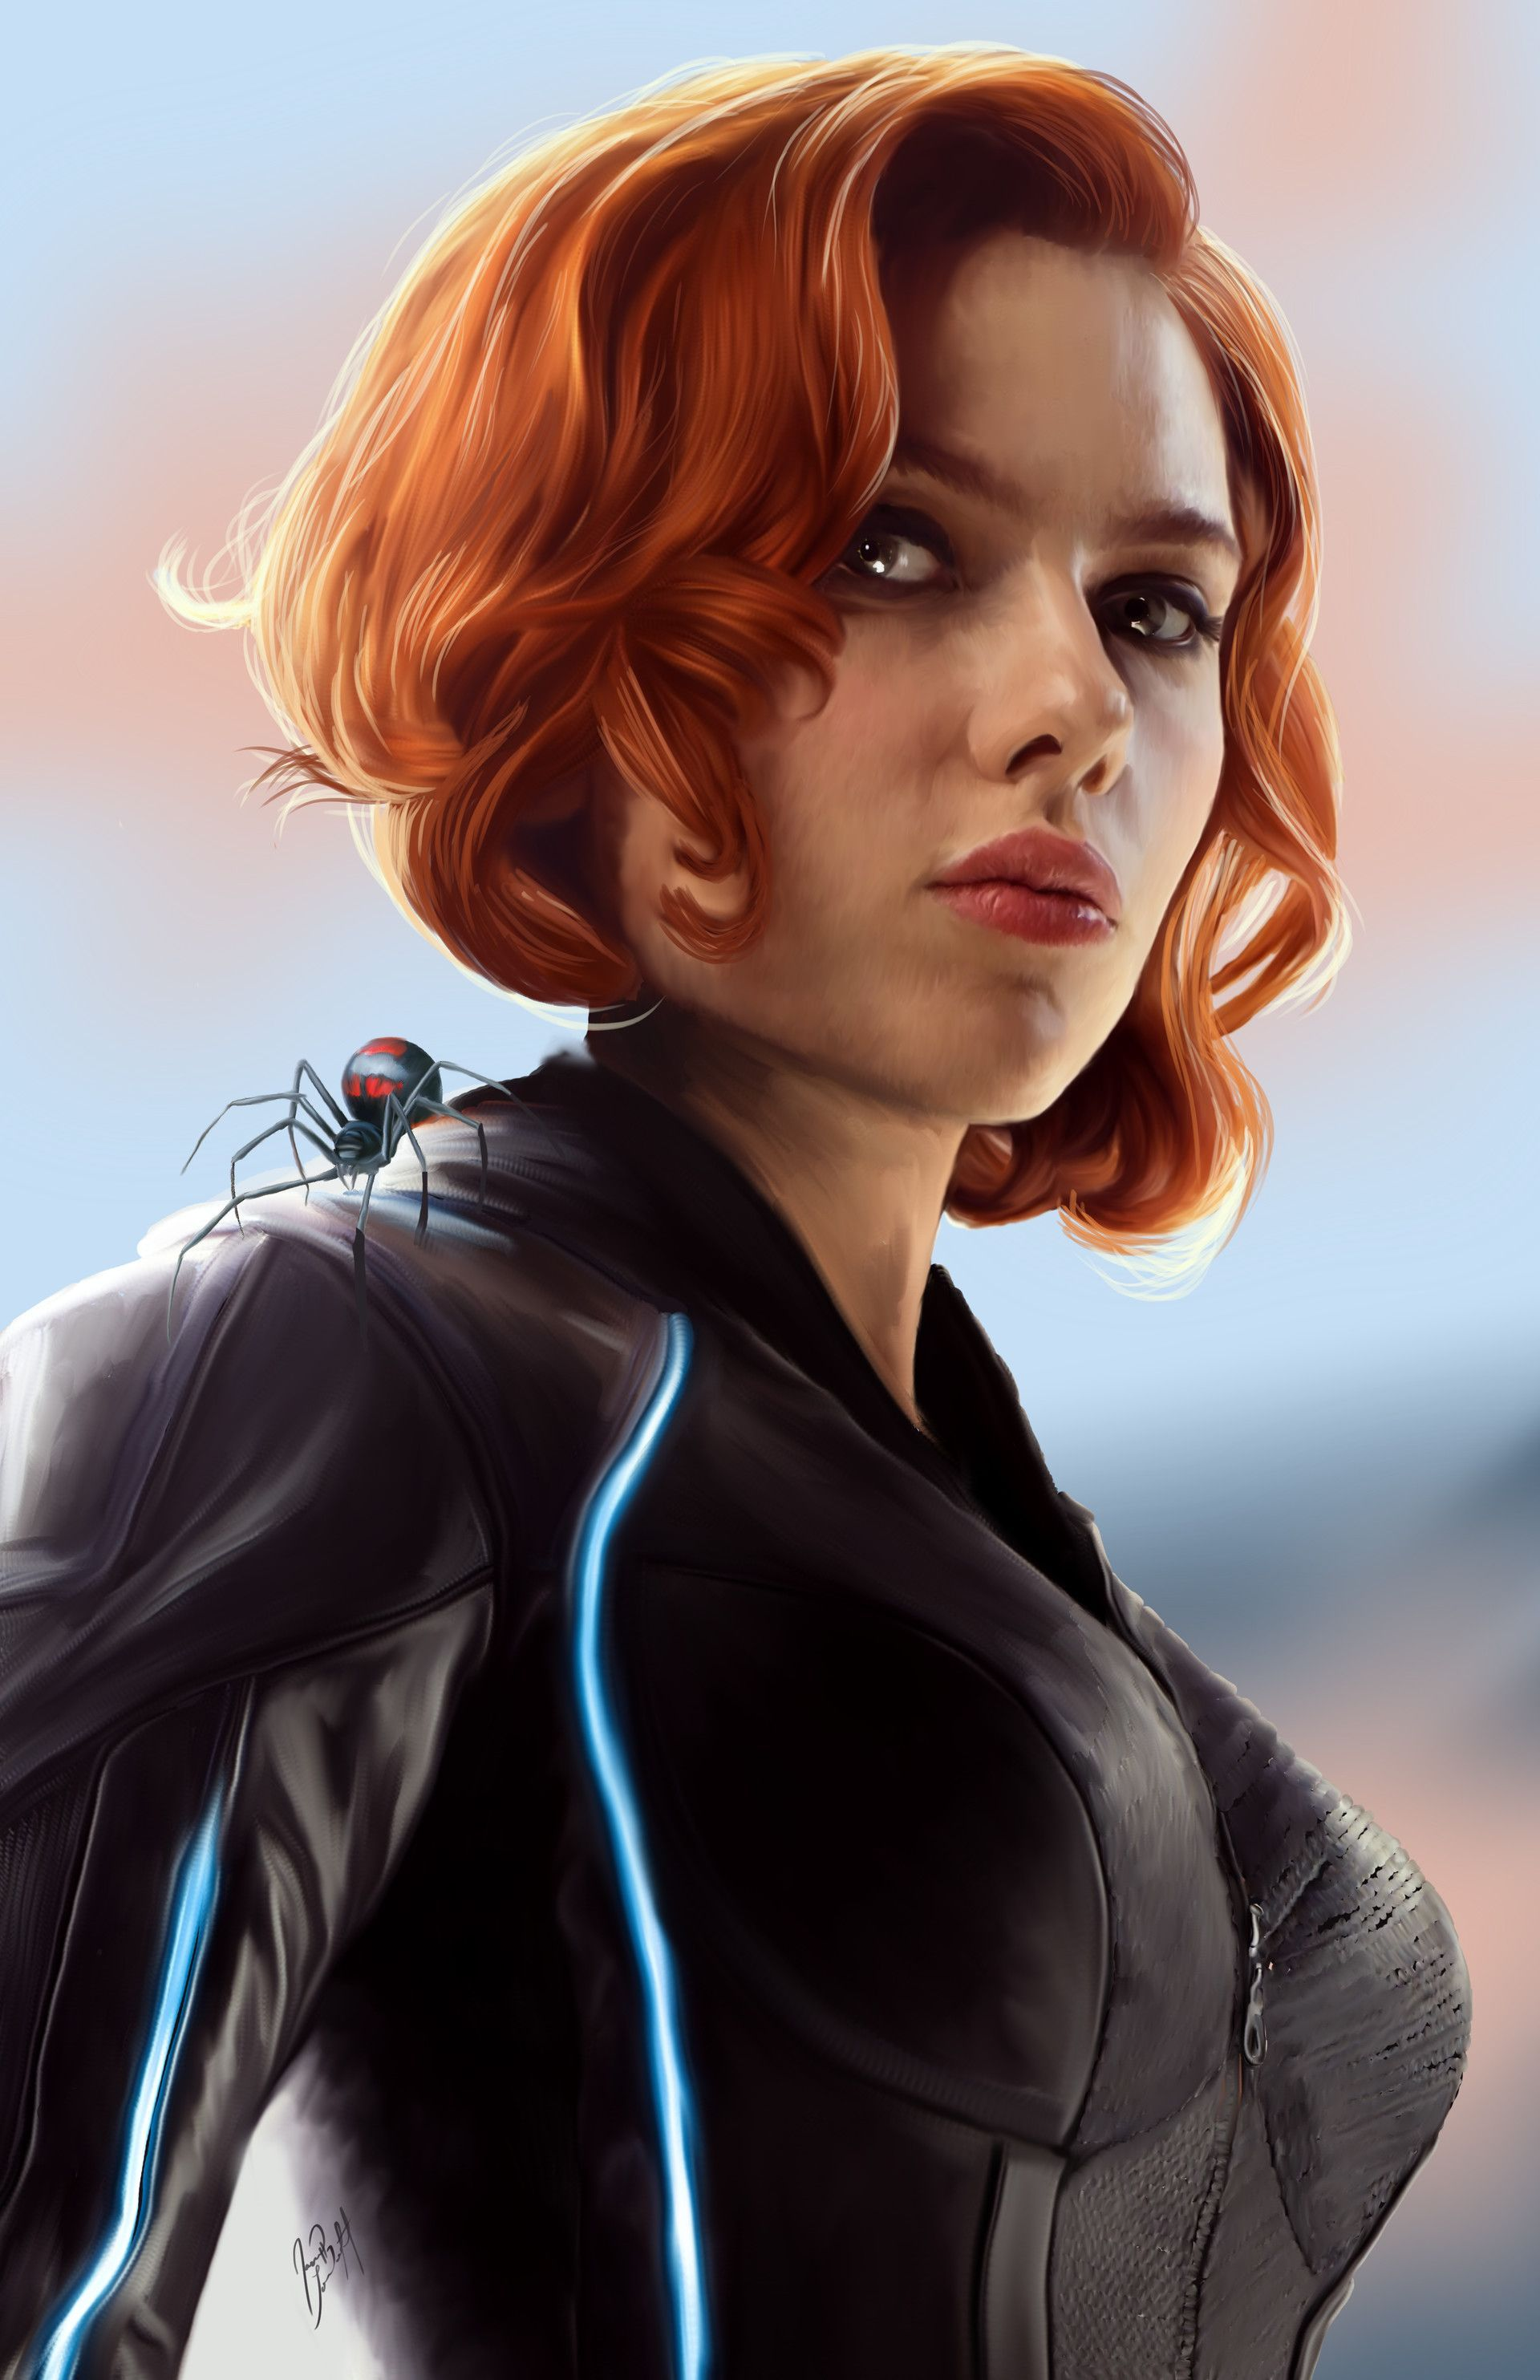 Artstation Black Widow Jason Longstreet Black Widow Marvel Black Widow Avengers Black Widow